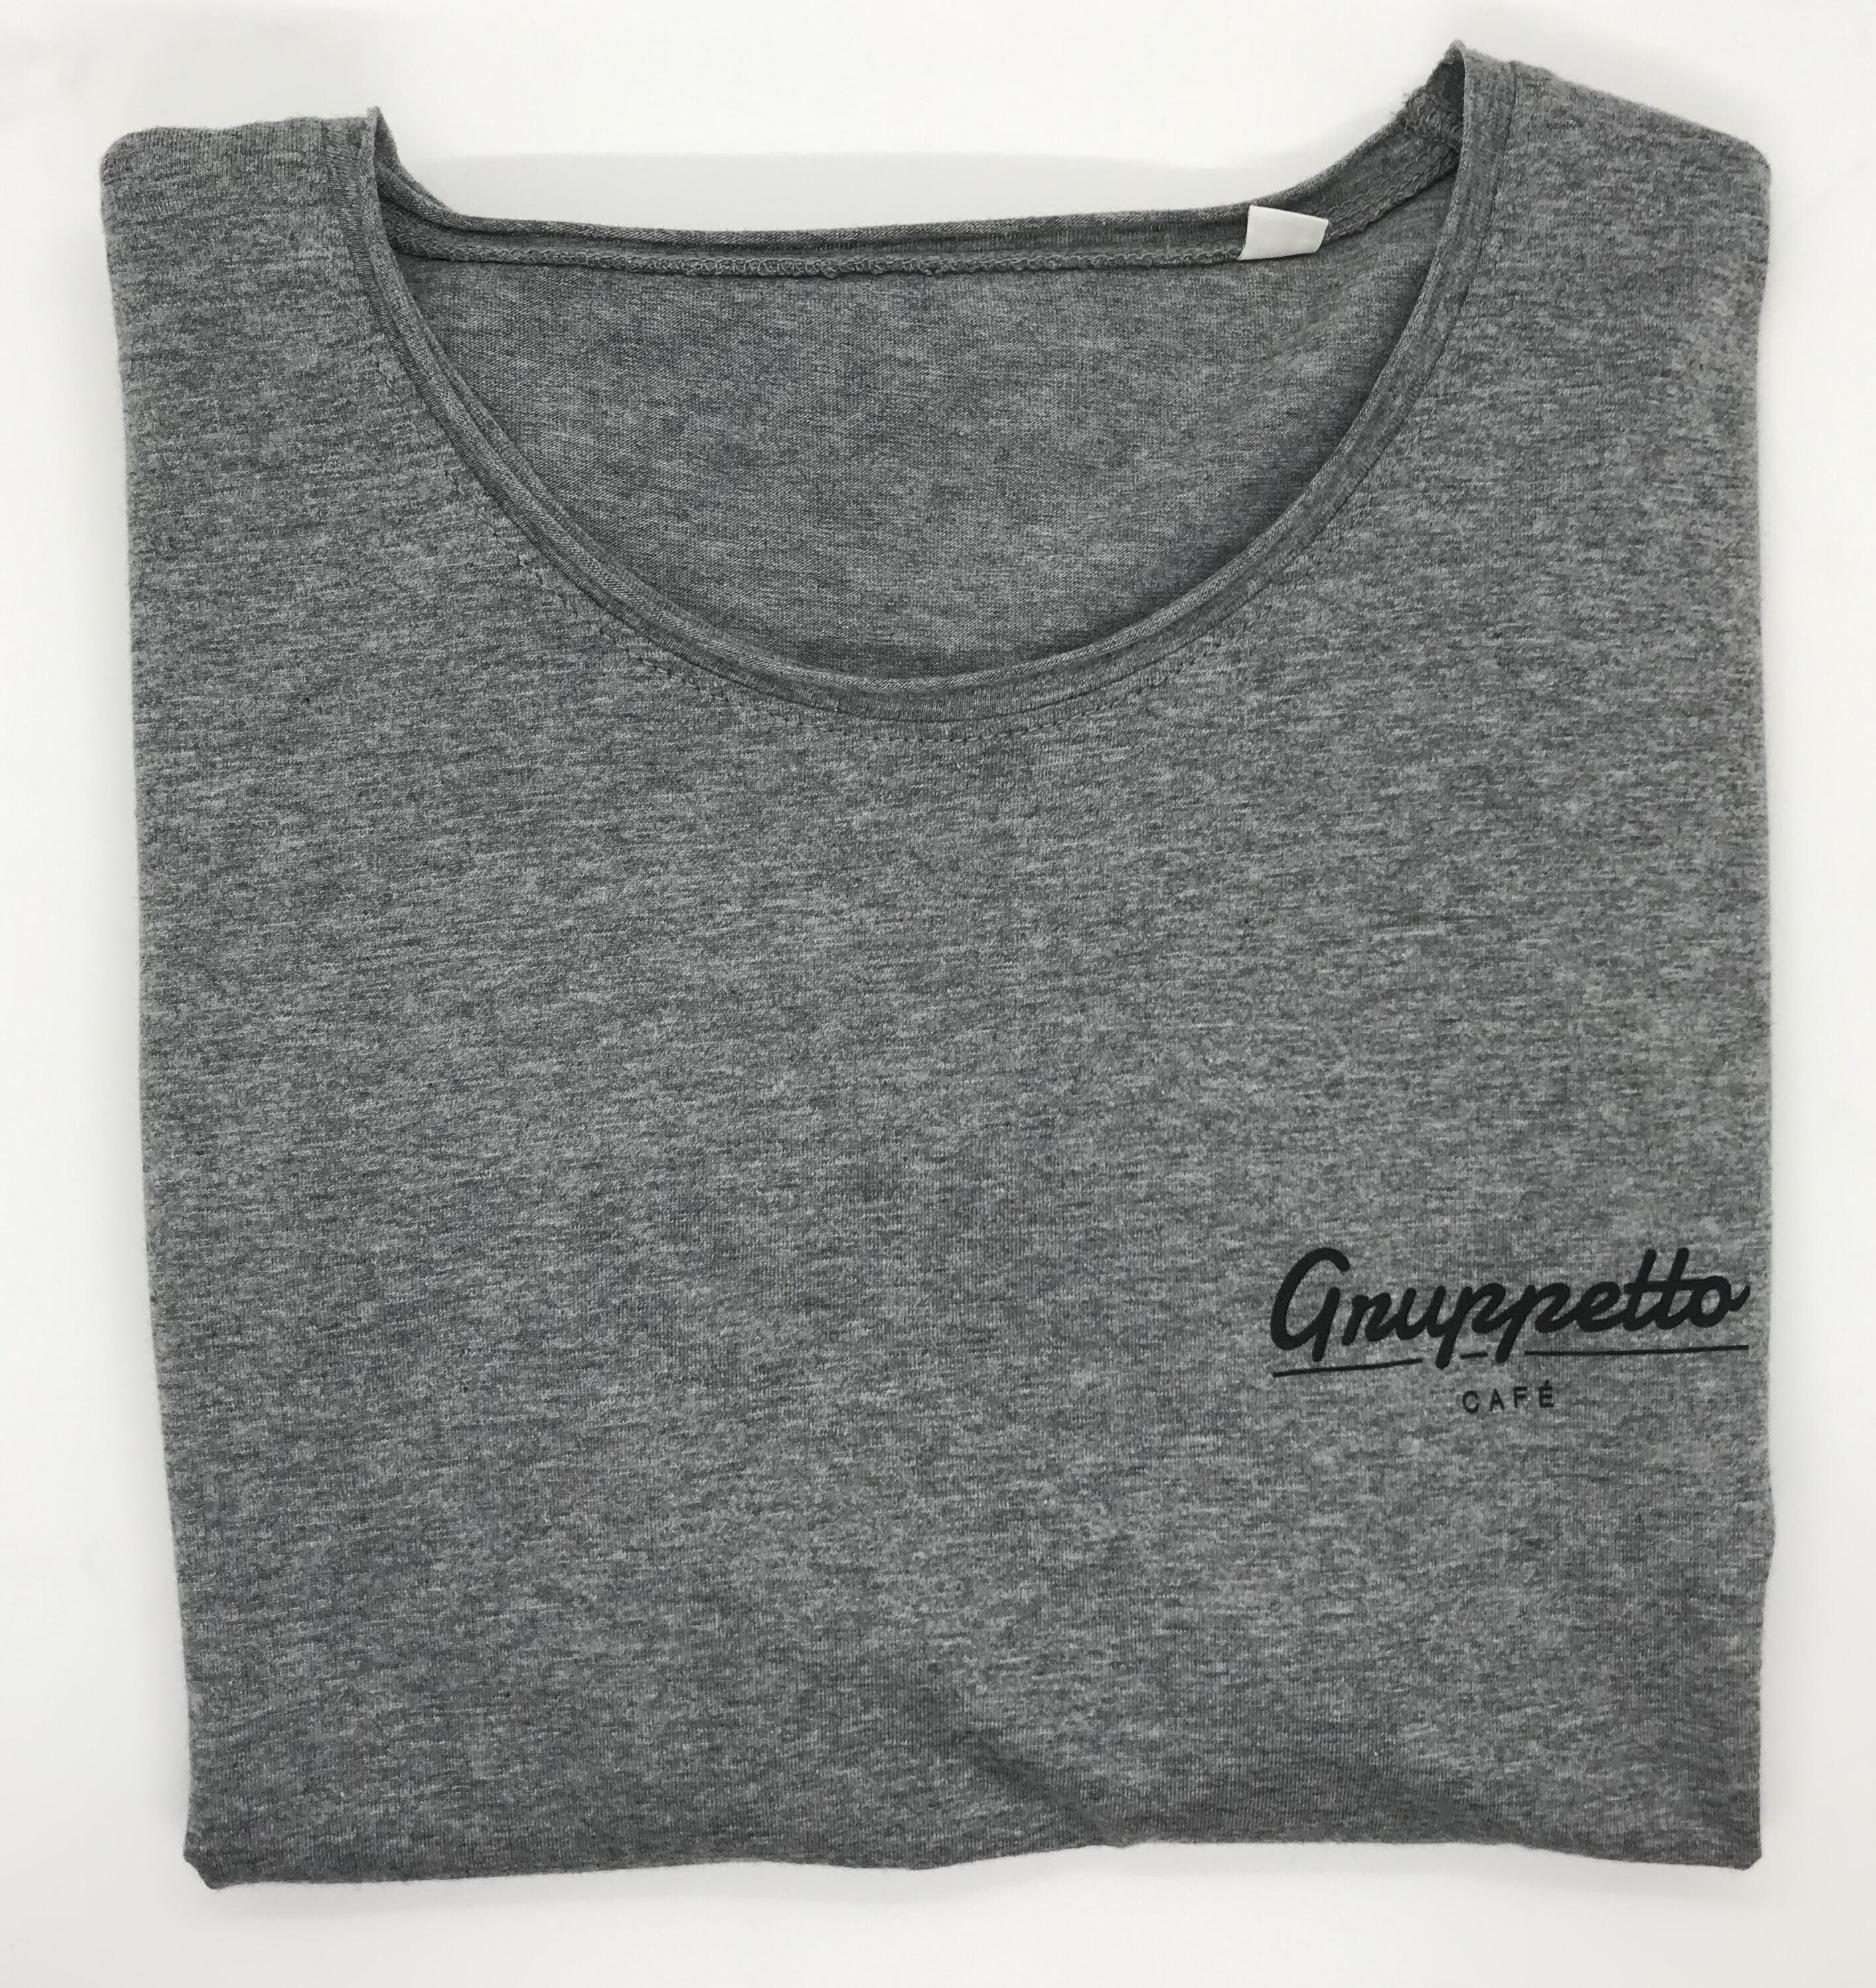 Gruppetto Café - T-shirt